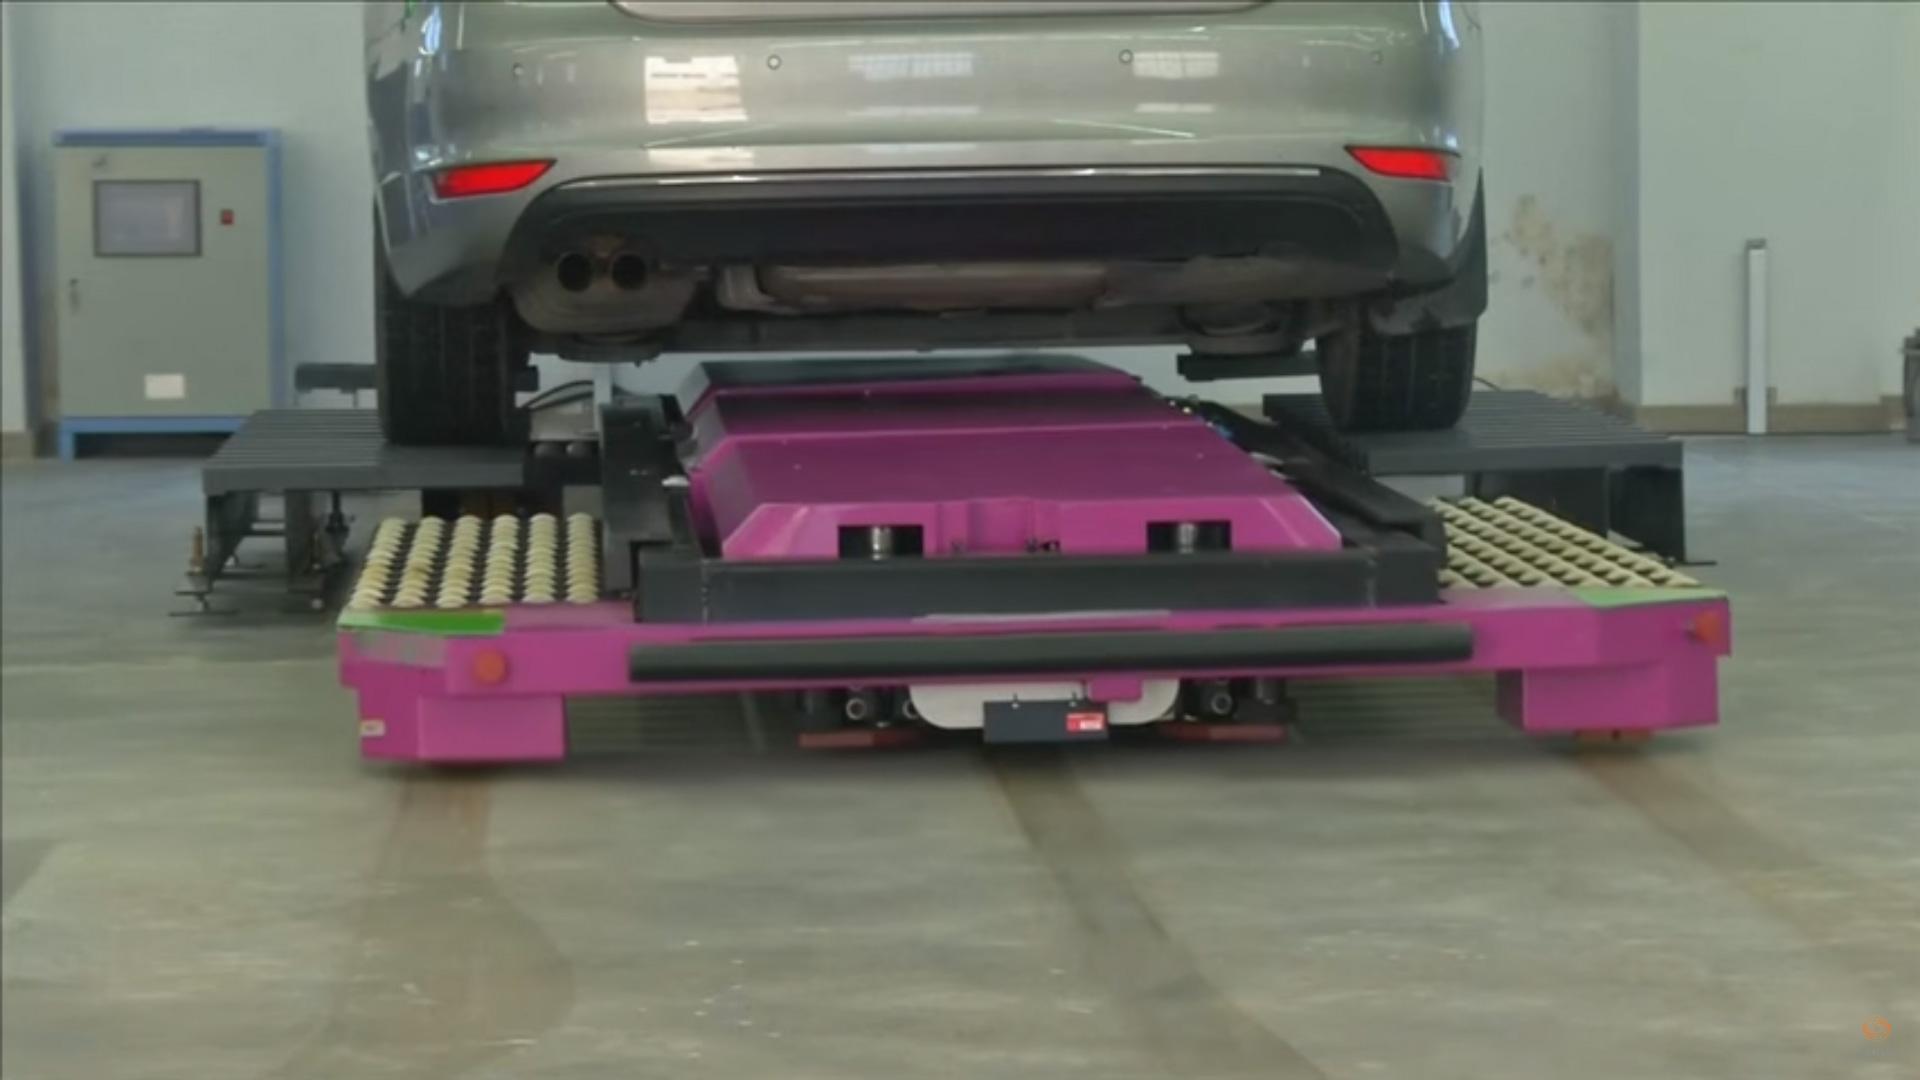 ce robot ira garer votre voiture au parking votre place tech numerama. Black Bedroom Furniture Sets. Home Design Ideas